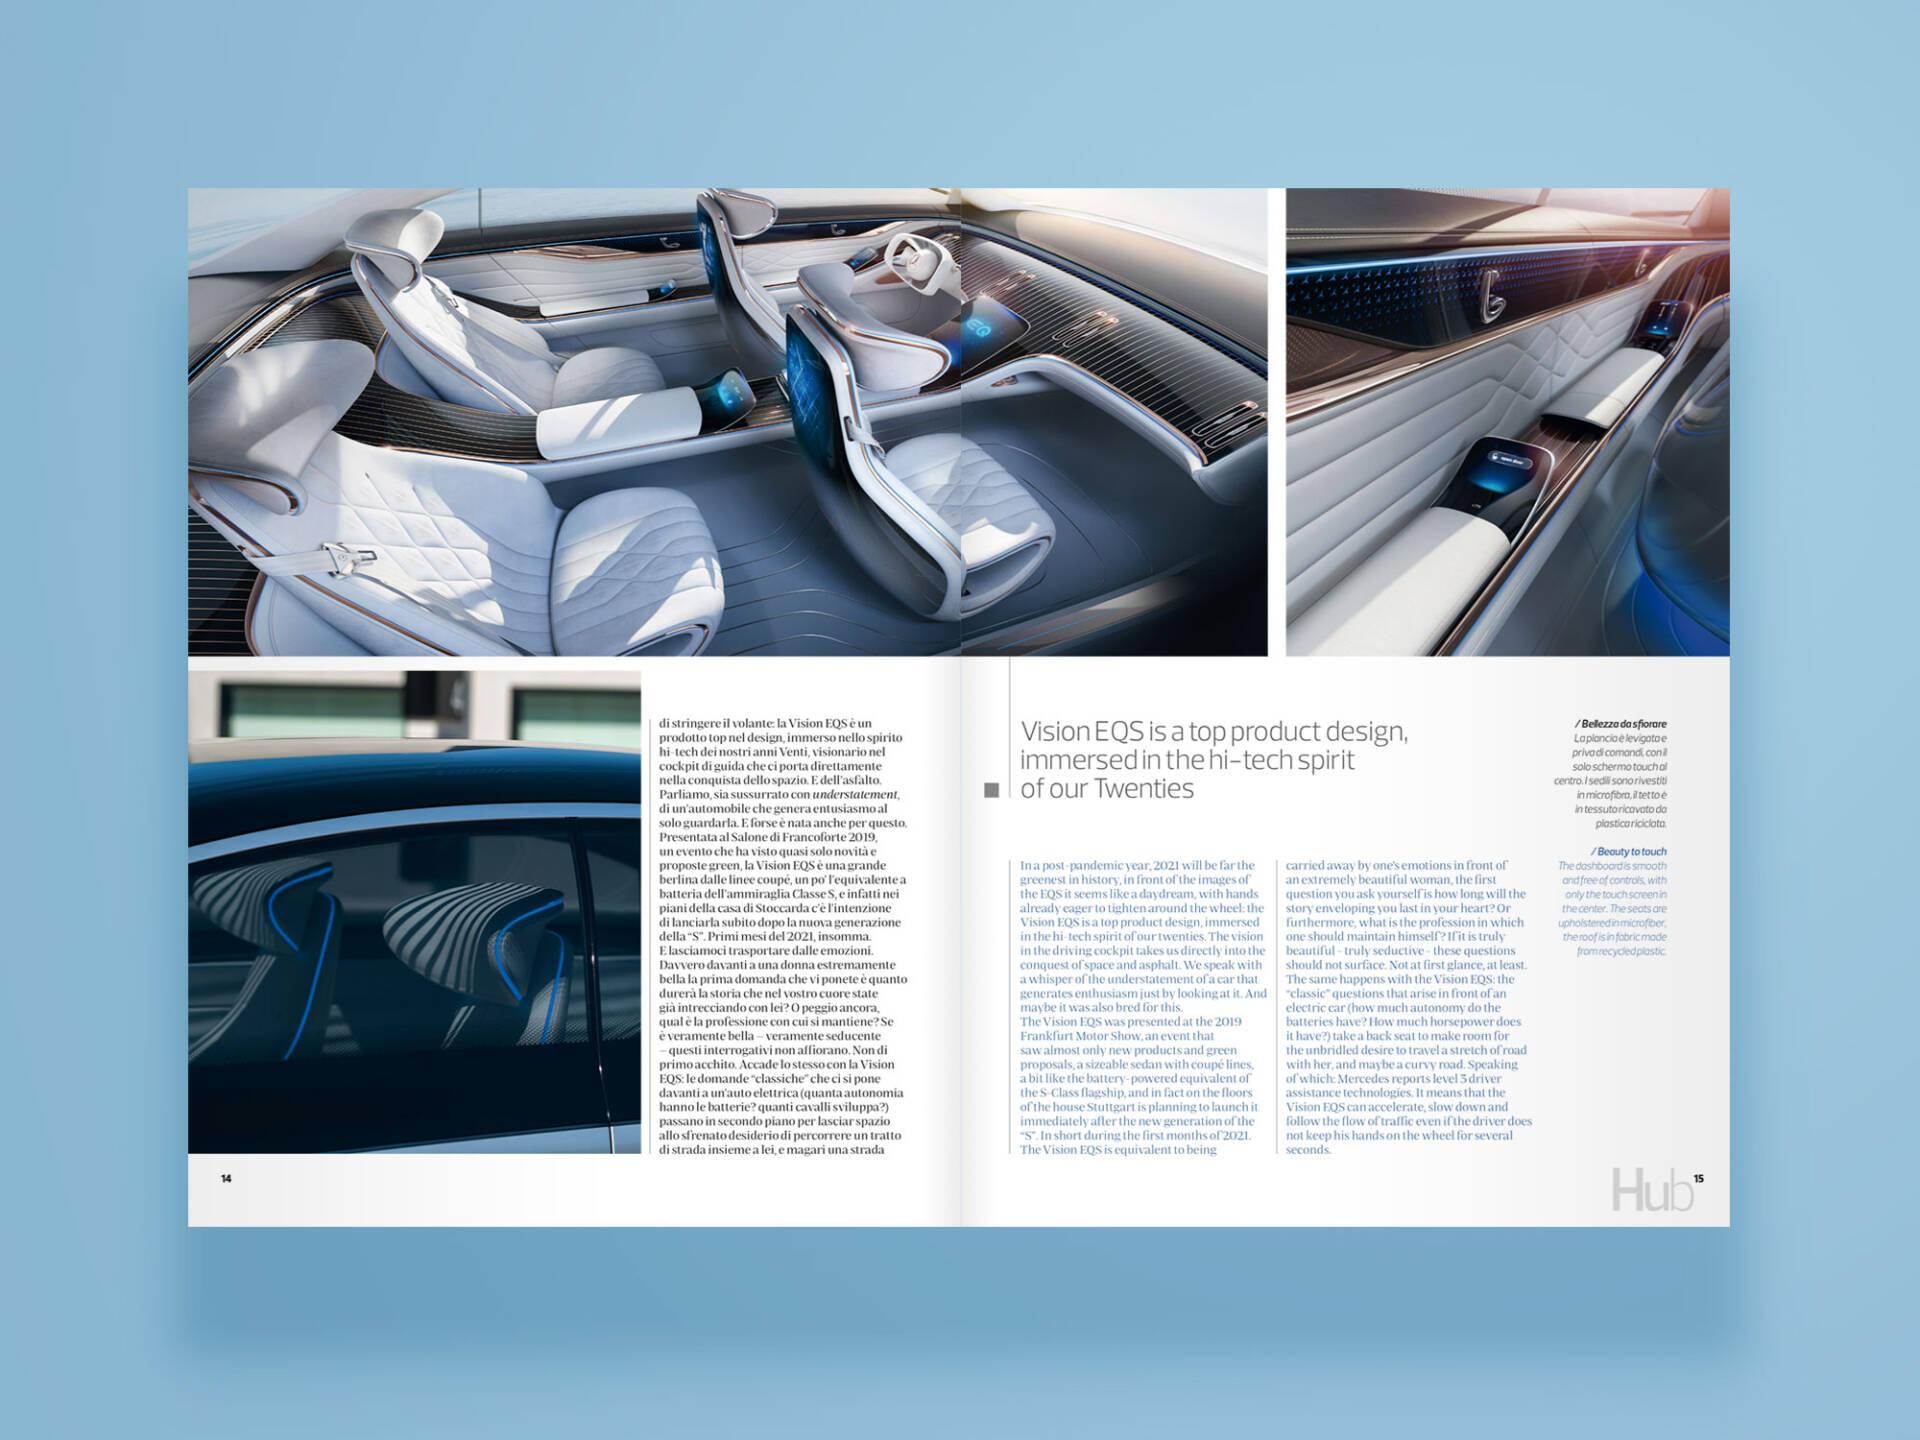 HUB_06_CdT_Wenceslau_News_Design